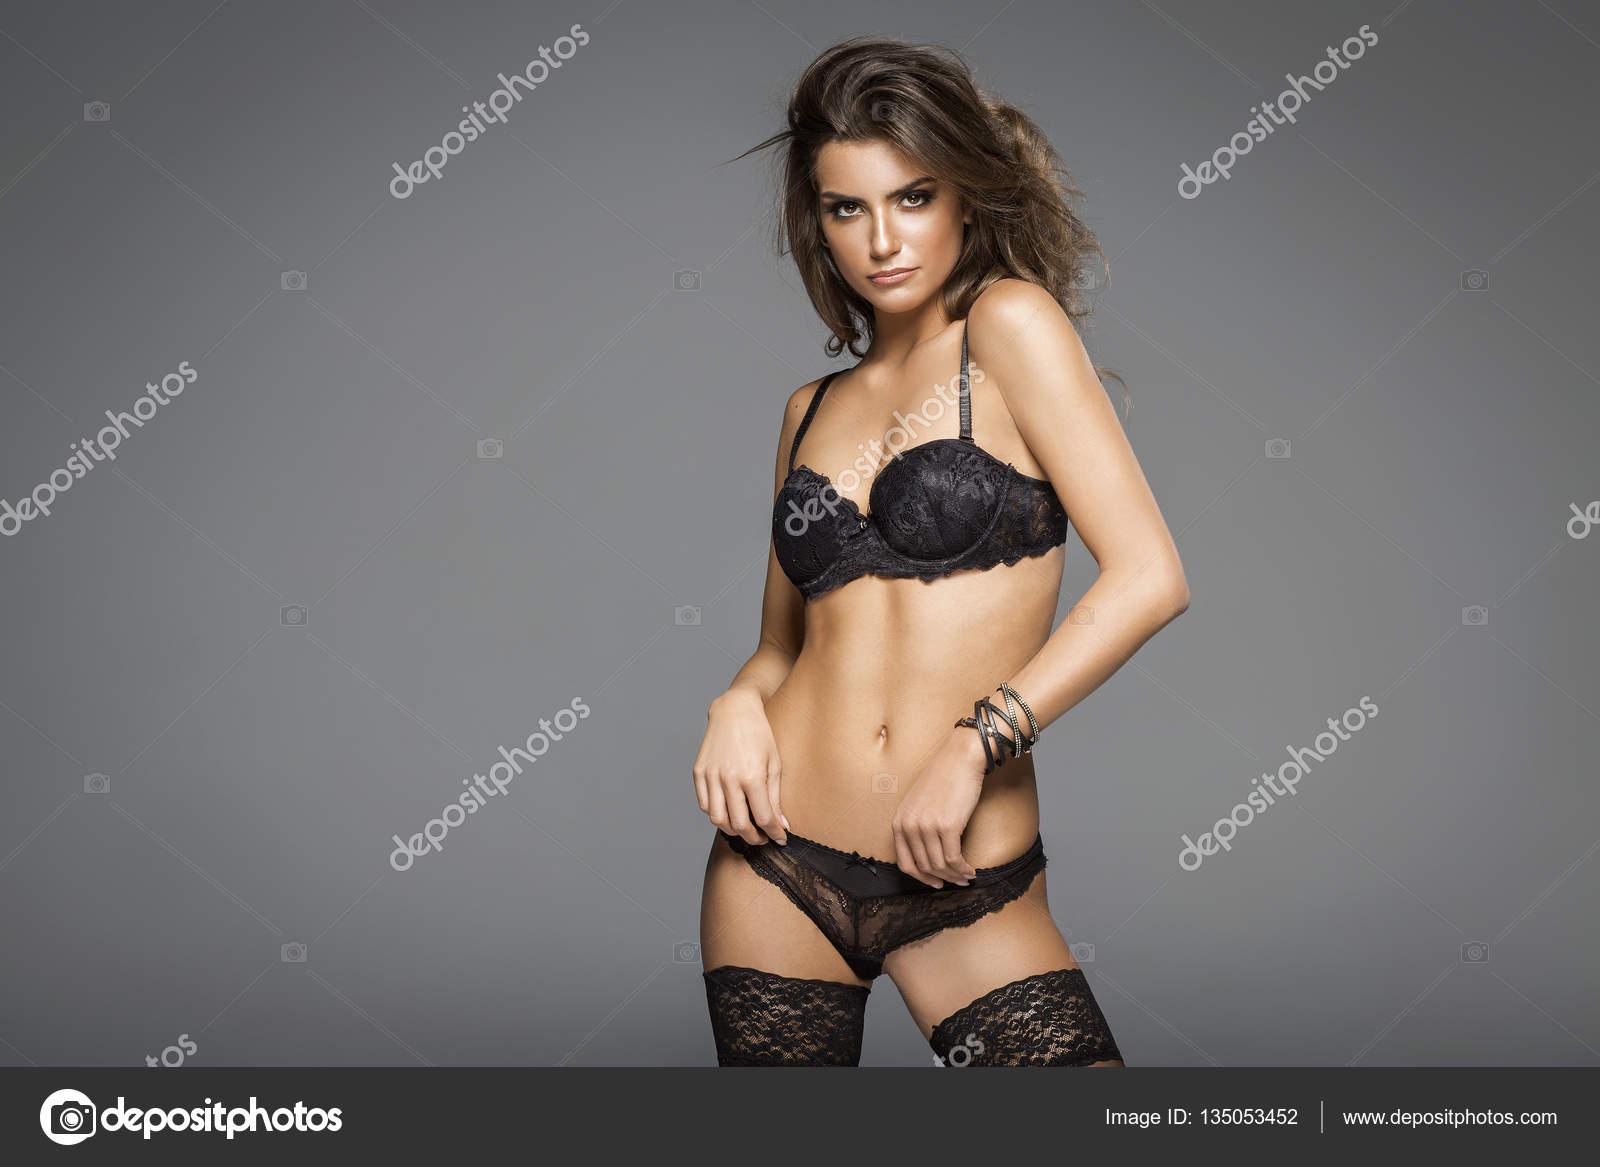 σέξι μαύρες λεσβίες εικόνες Μαύρο σέξι λεία